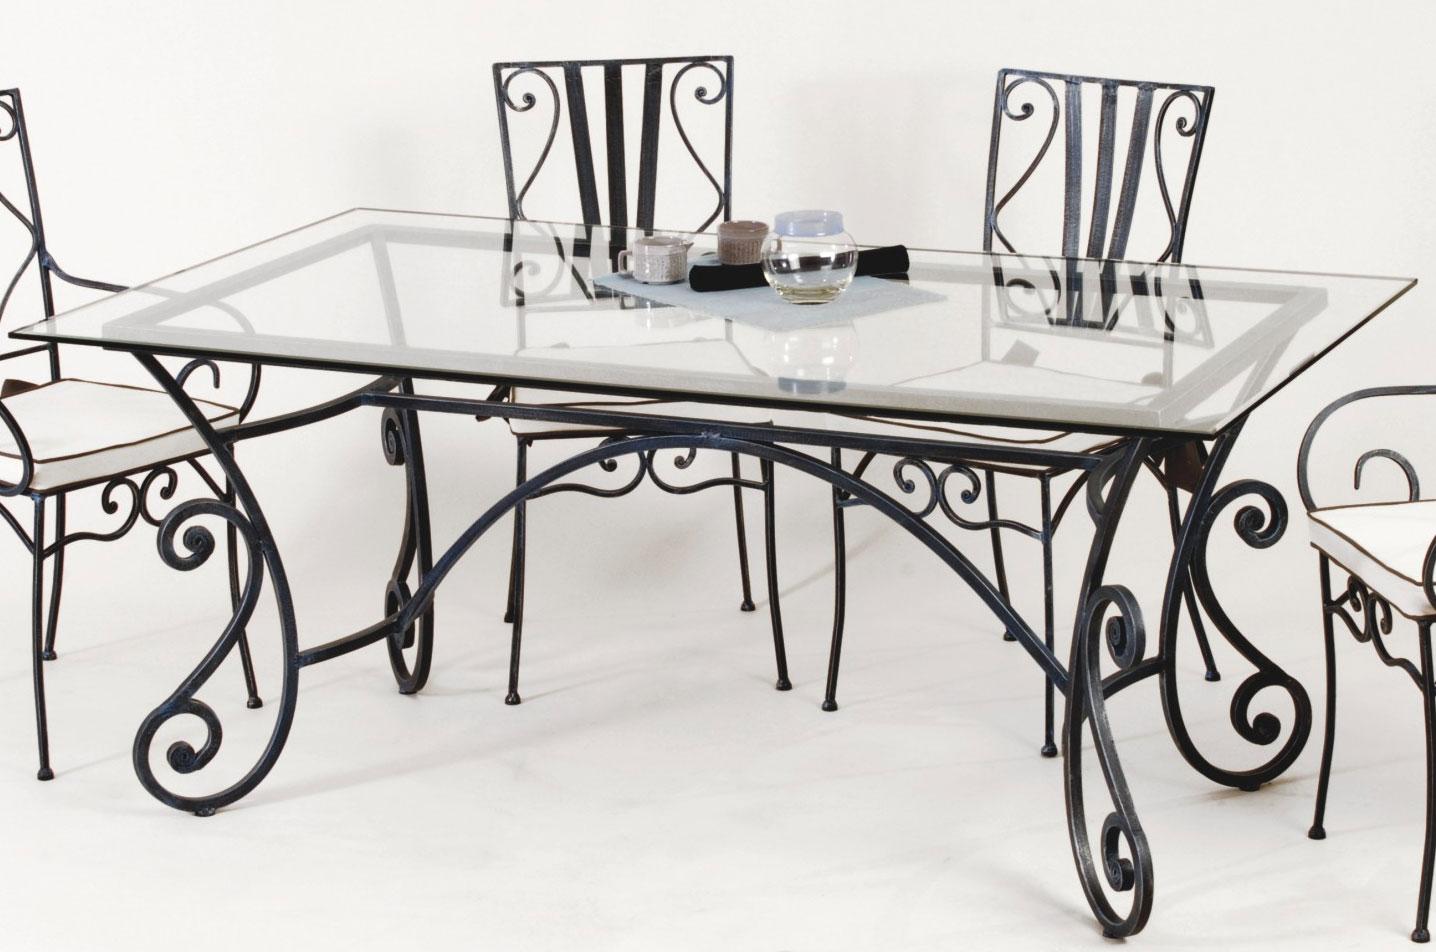 table de salle manger rectangulaire en fer forg maryl ne. Black Bedroom Furniture Sets. Home Design Ideas